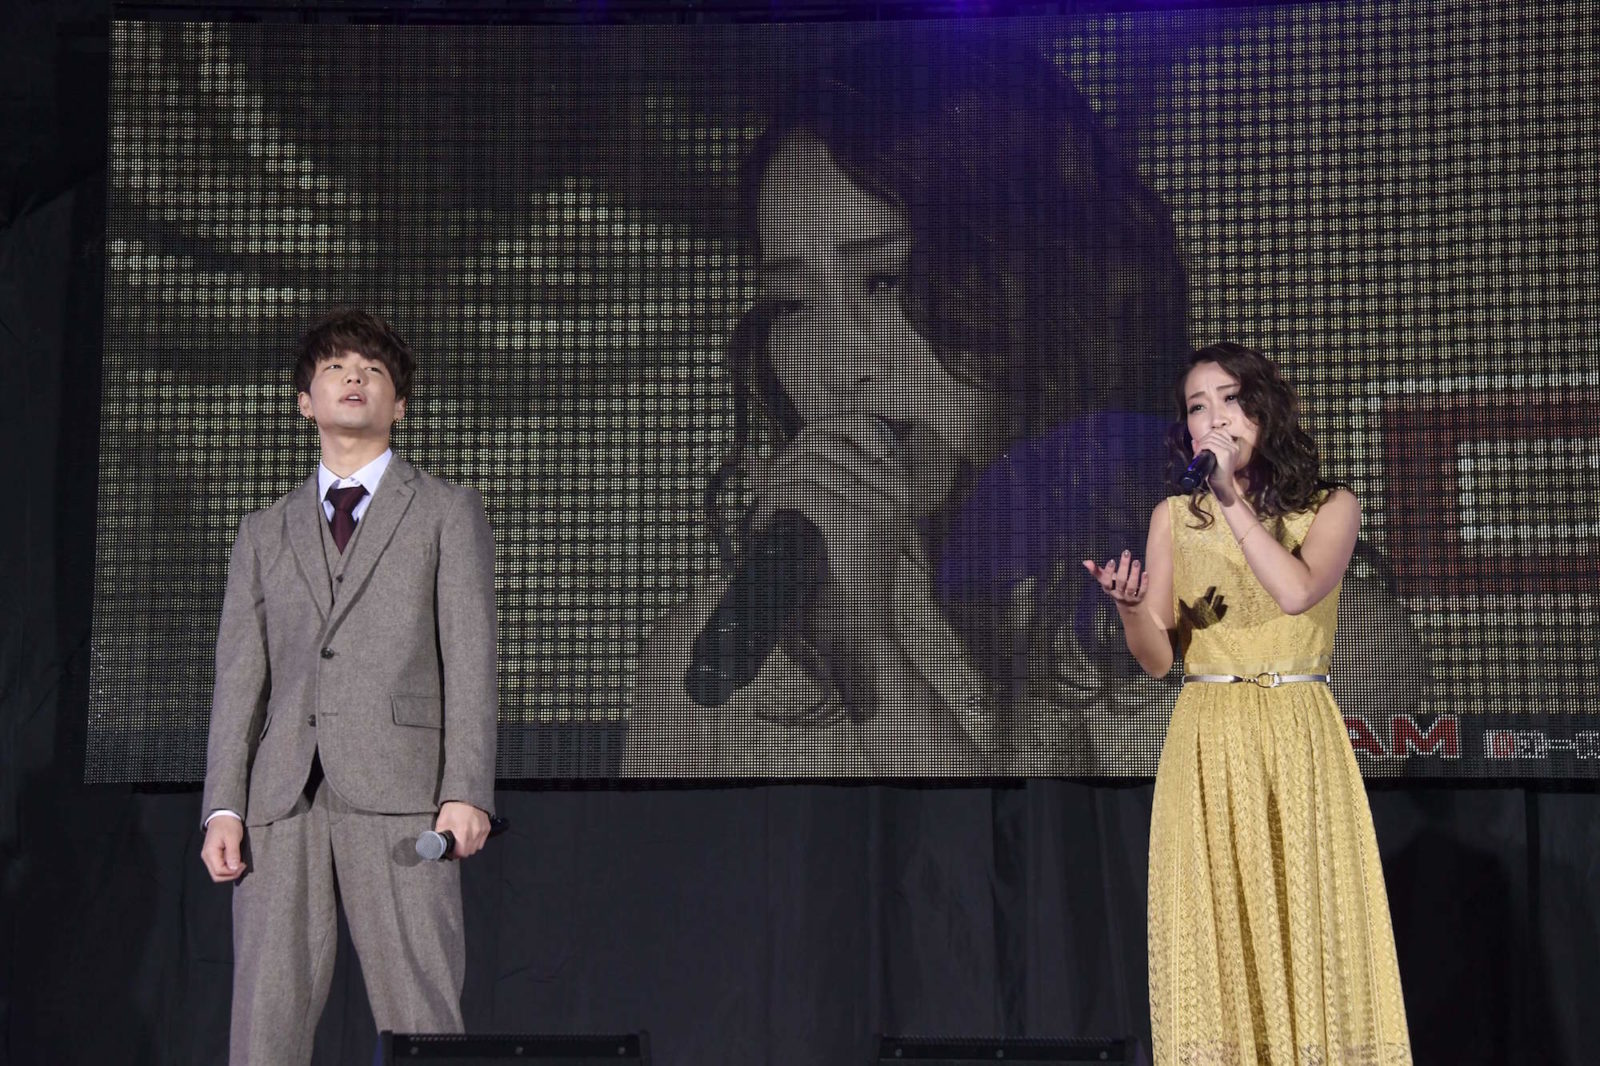 レディ・ガガからのプレゼントも!LINE LIVE「スターダムオーディション」グランプリのKIMIKAとU-keyが「シャロウ」を熱唱サムネイル画像